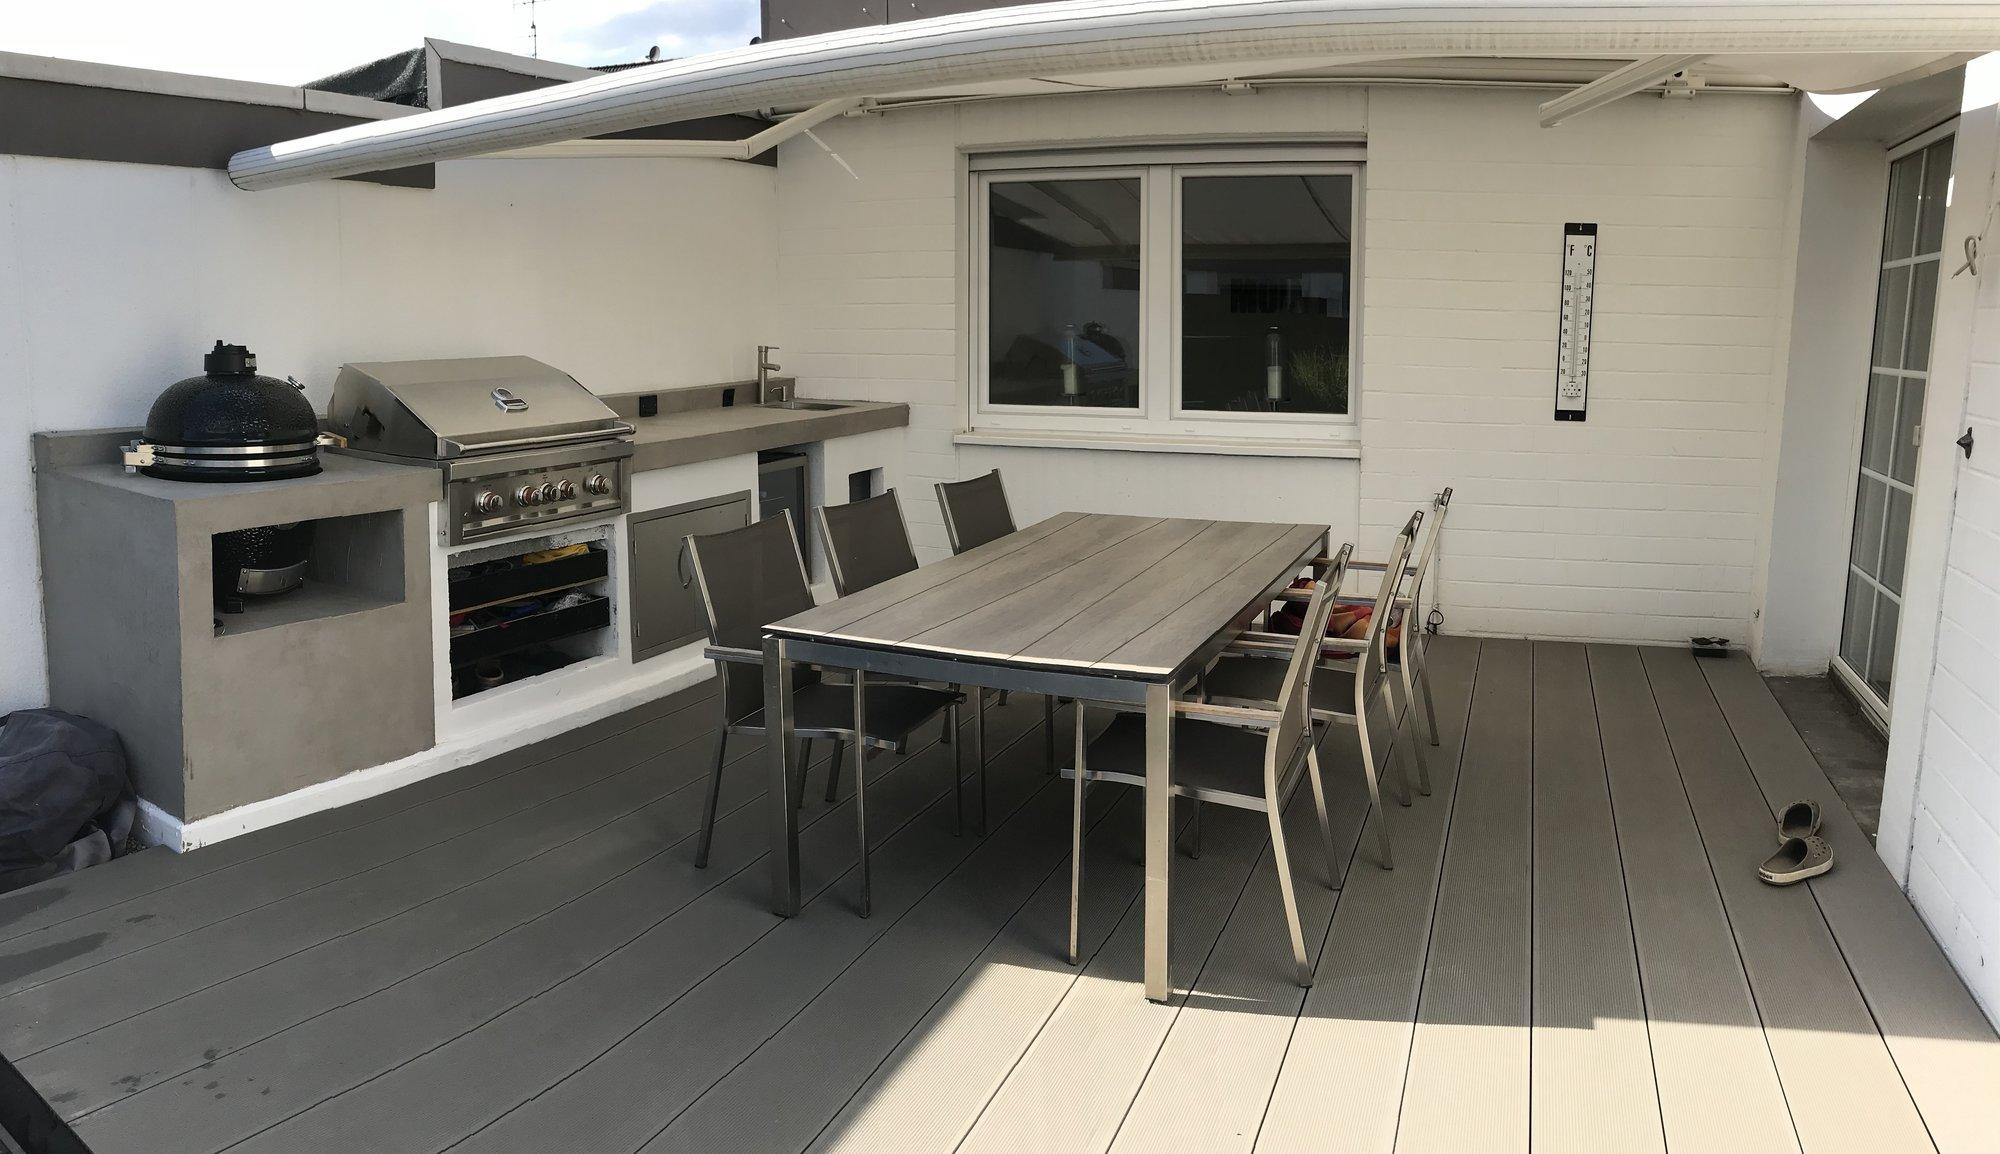 Außenküche Mit Jelent : Außenküche mit jelent grill außenküche selber bauen steingrill